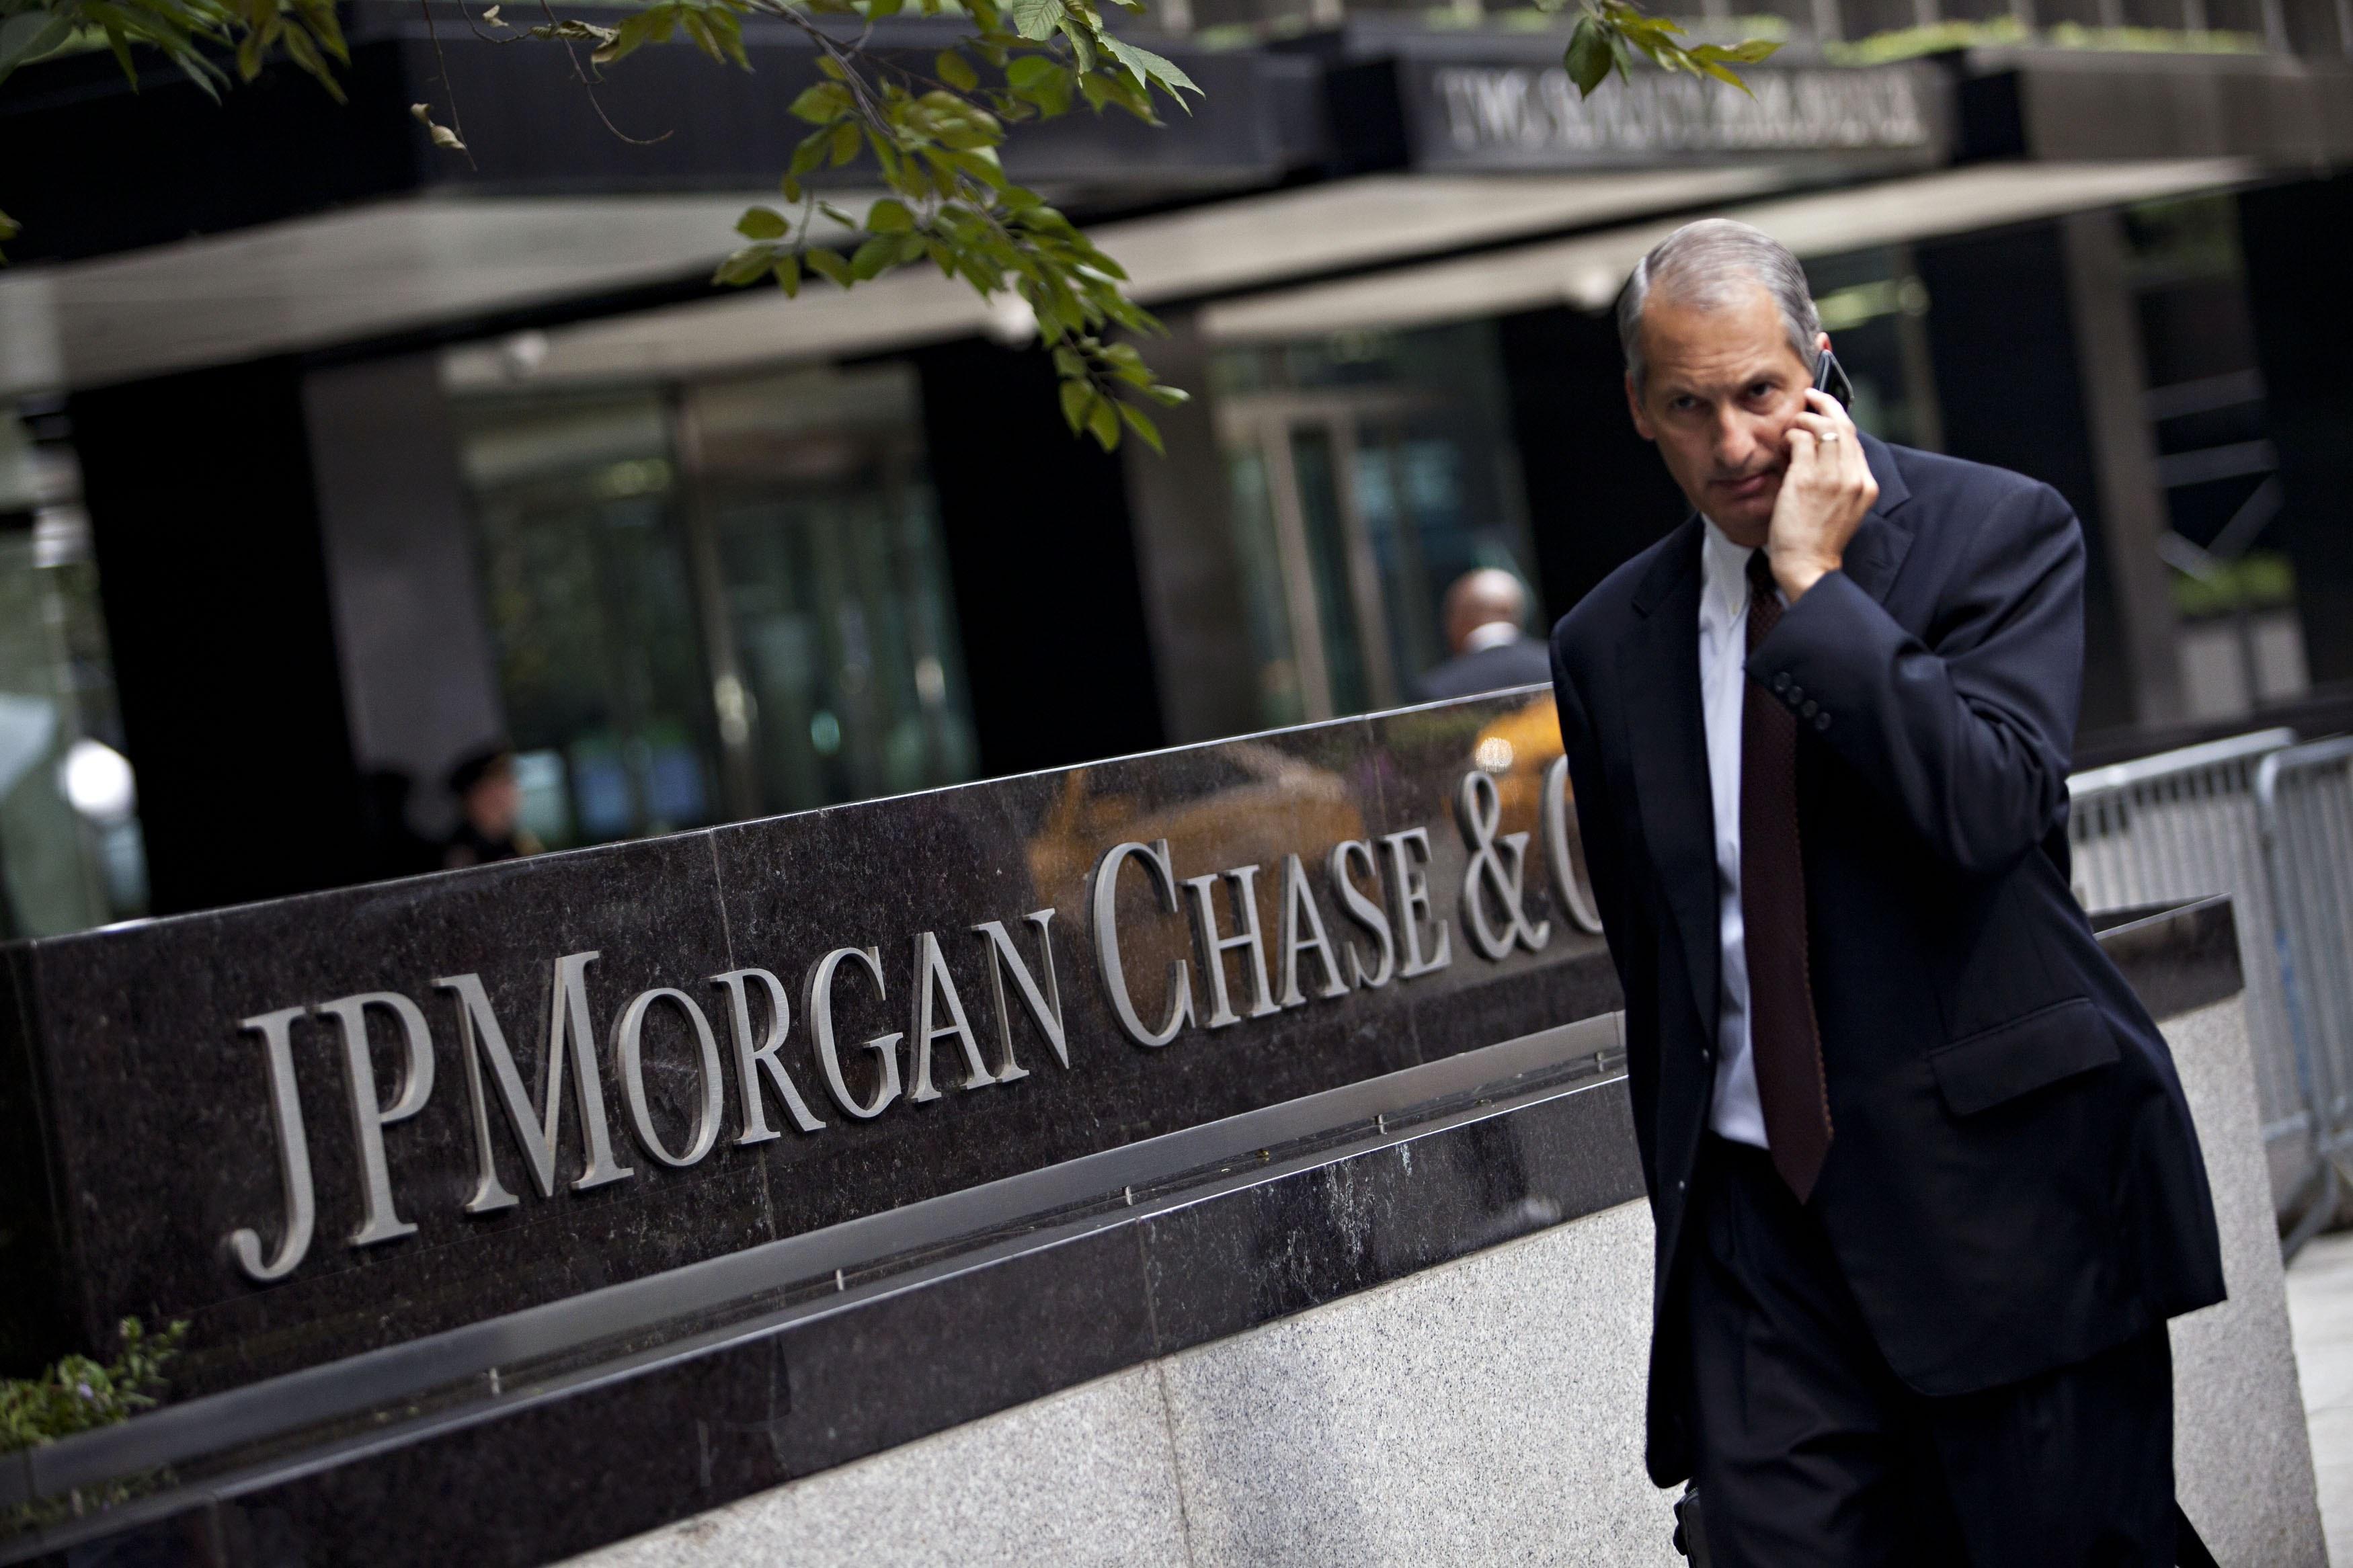 JPMorgan Chase: Bank Faces Major Regulatory Action